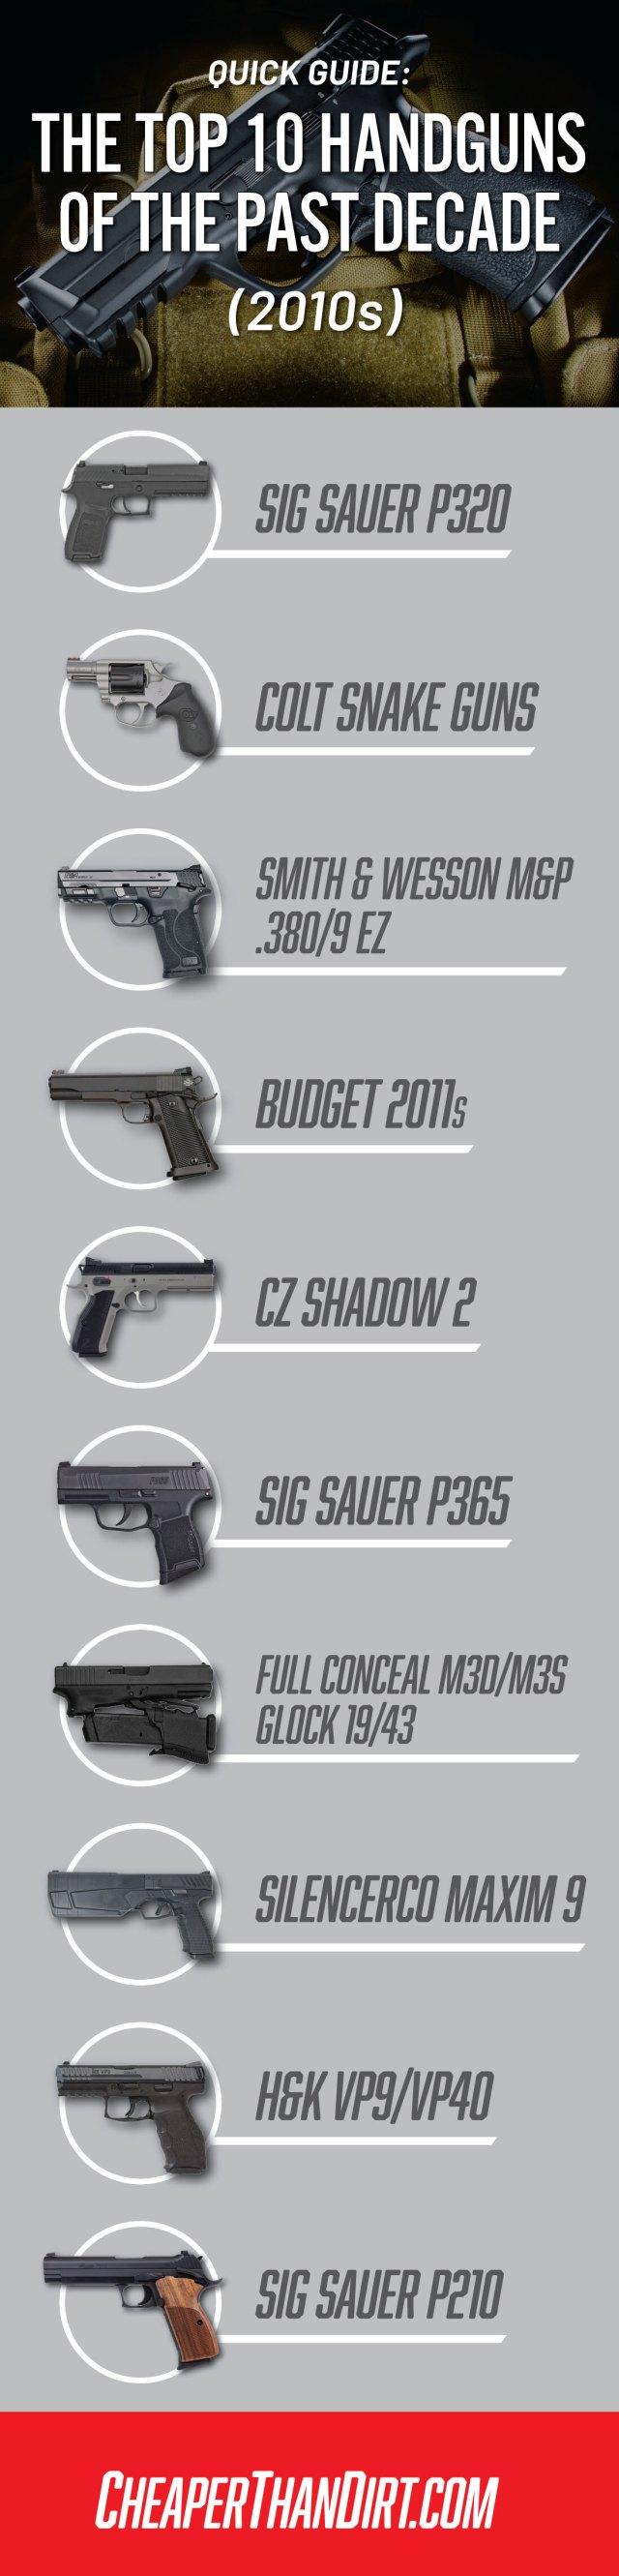 top handguns past decade